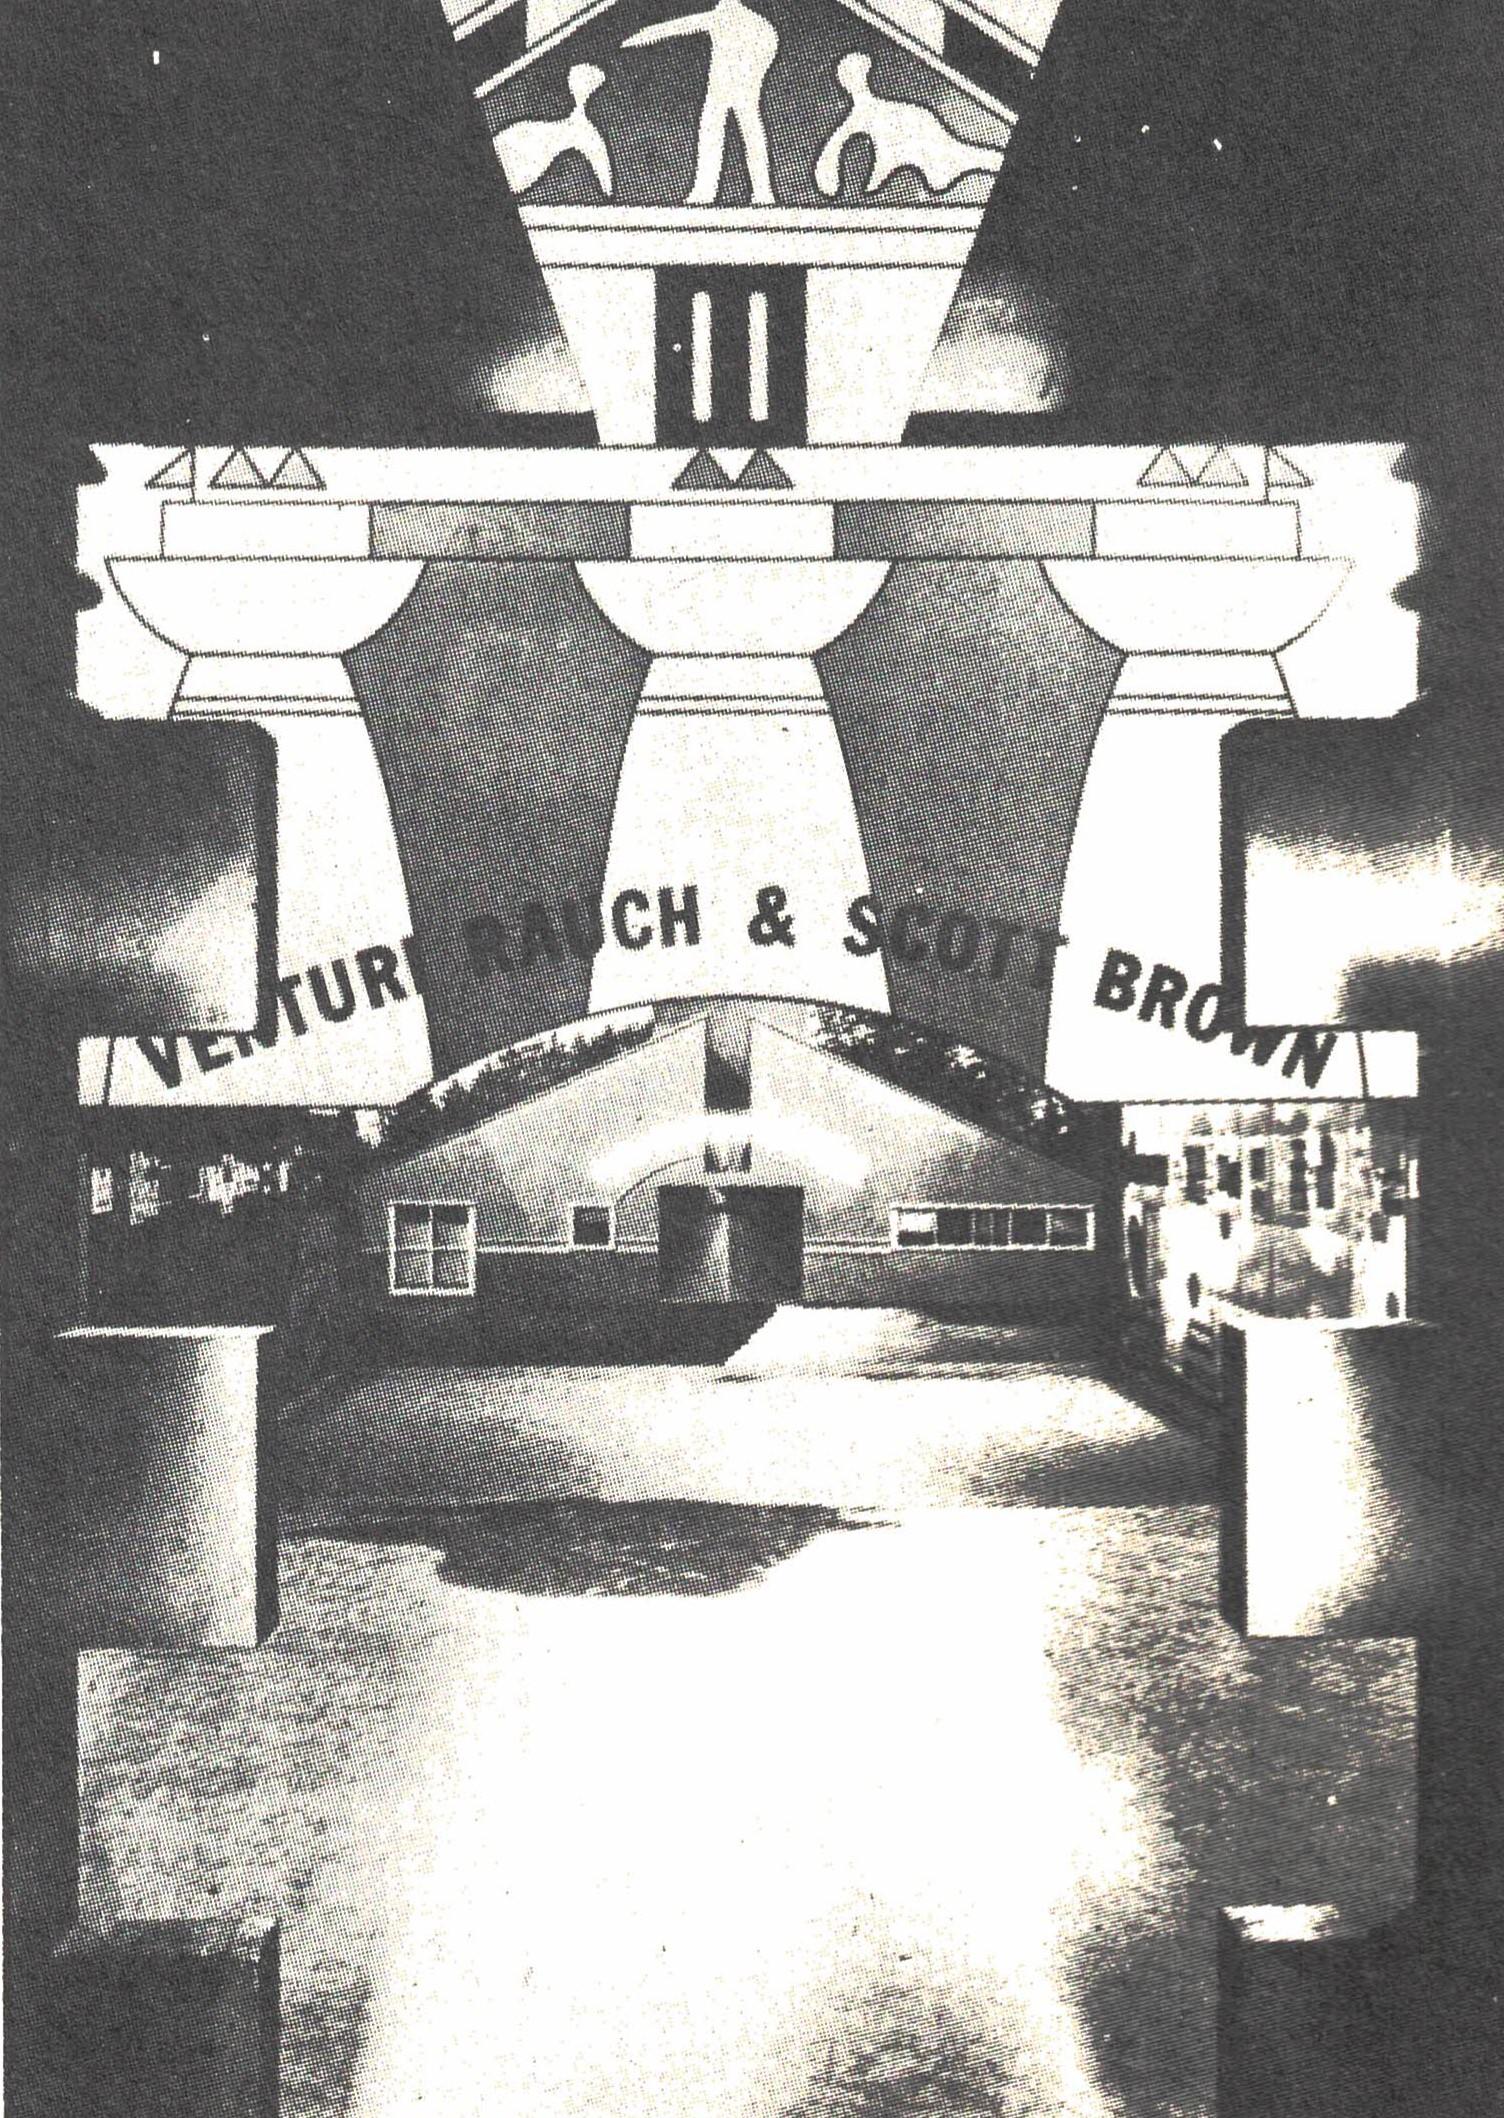 Figura 3. Robert Venturi, Vista da fachada na Strada Novissima, de dentro do estande de Robert Stern, ao fundo maquete da Resistência de Chestnut Hill